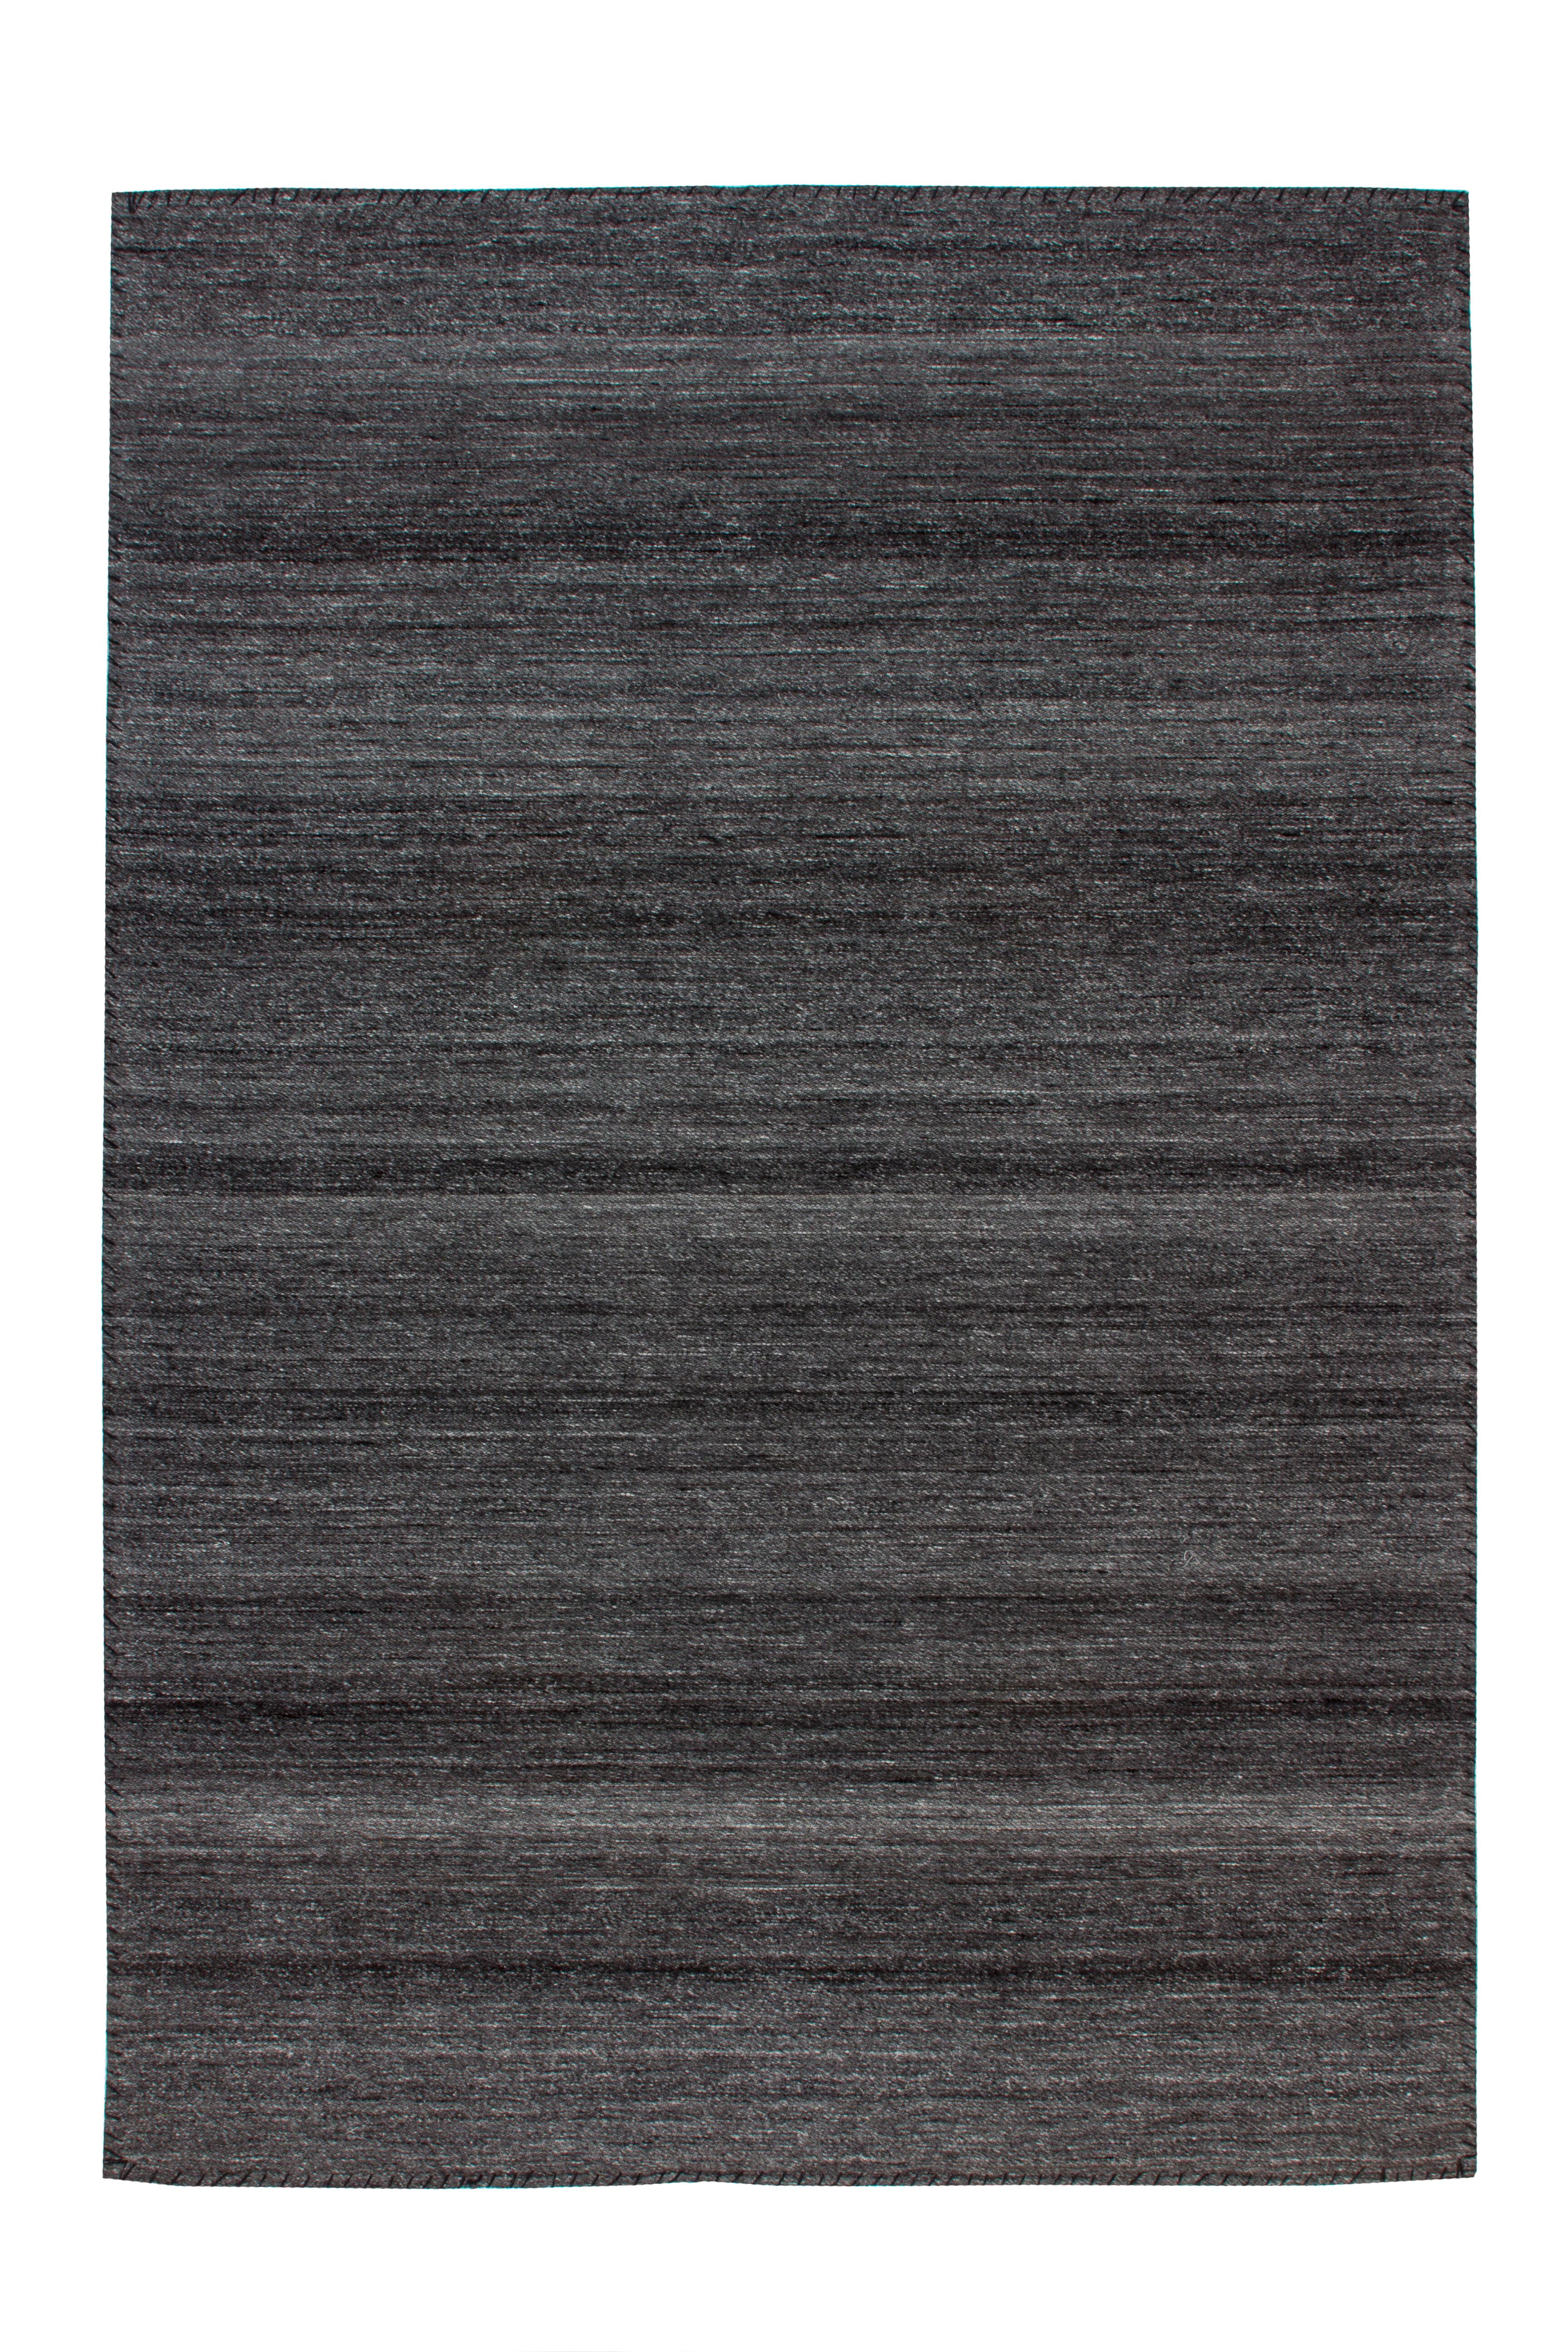 Kayoom Vloerkleed 'Phoenix 210' kleur Antraciet / Grijs, 120 x 170cm